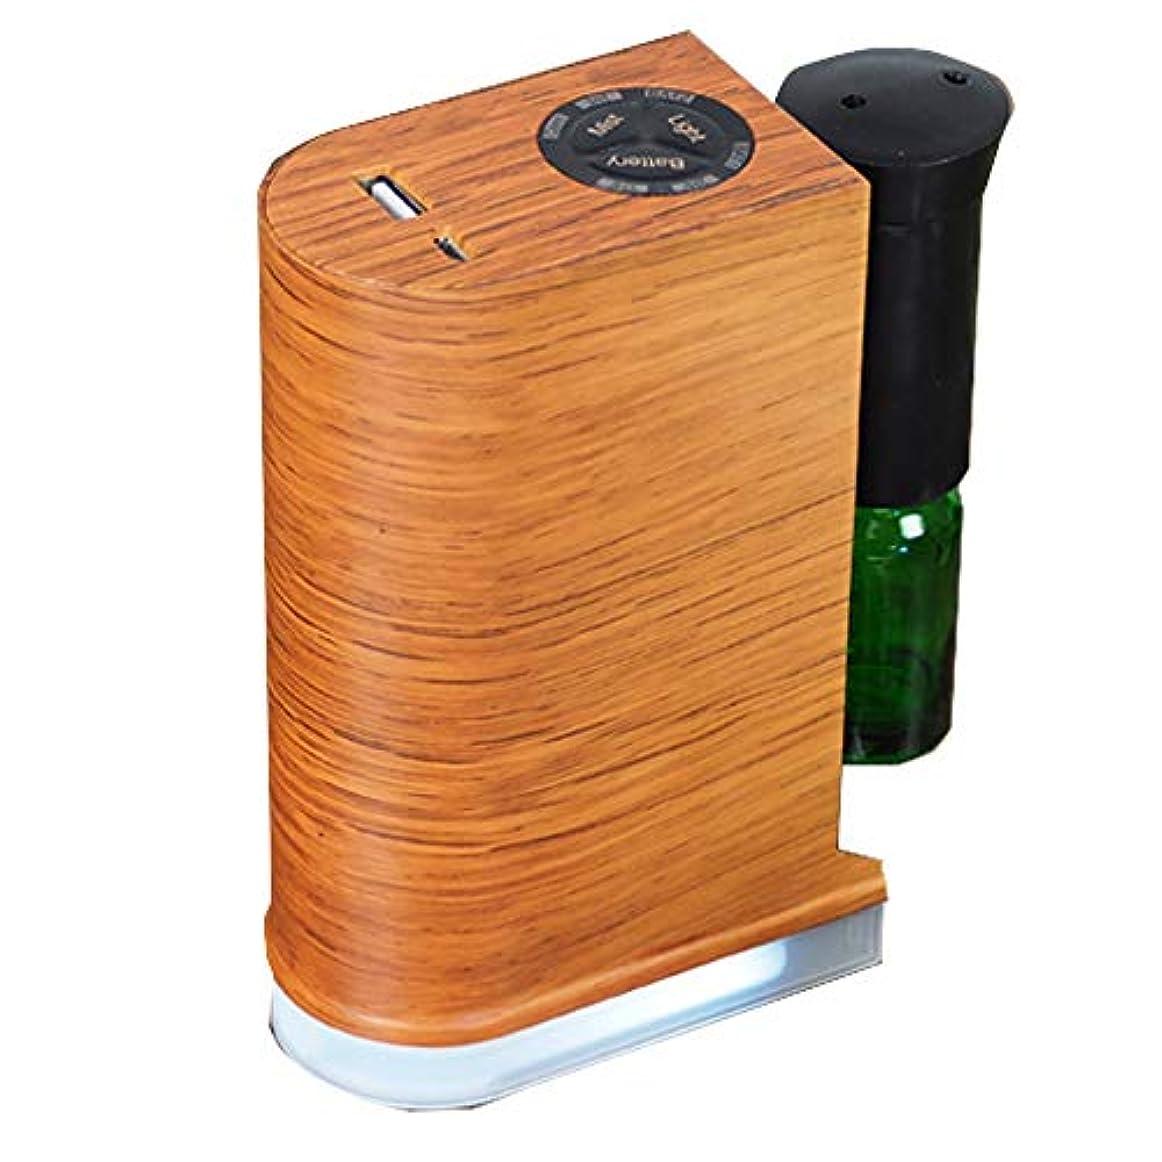 横たわる粘性の処理する木目調ネブライザー式ディフューザー【ブラウン】 / Q-001-BR / ###アロマQ-001茶###